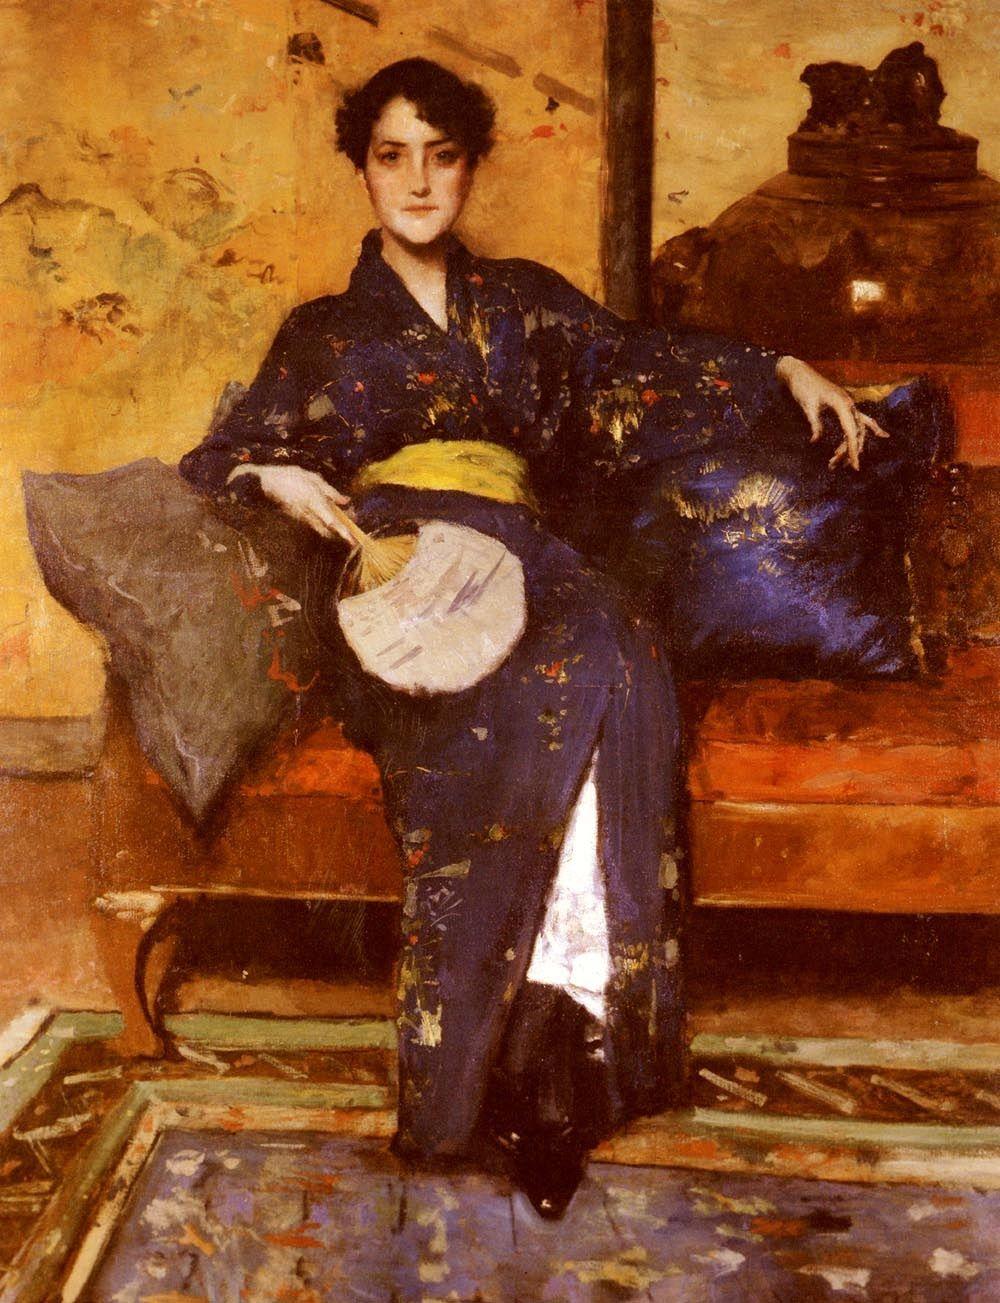 William Merritt Chase. Study of a girl in Japanese dress